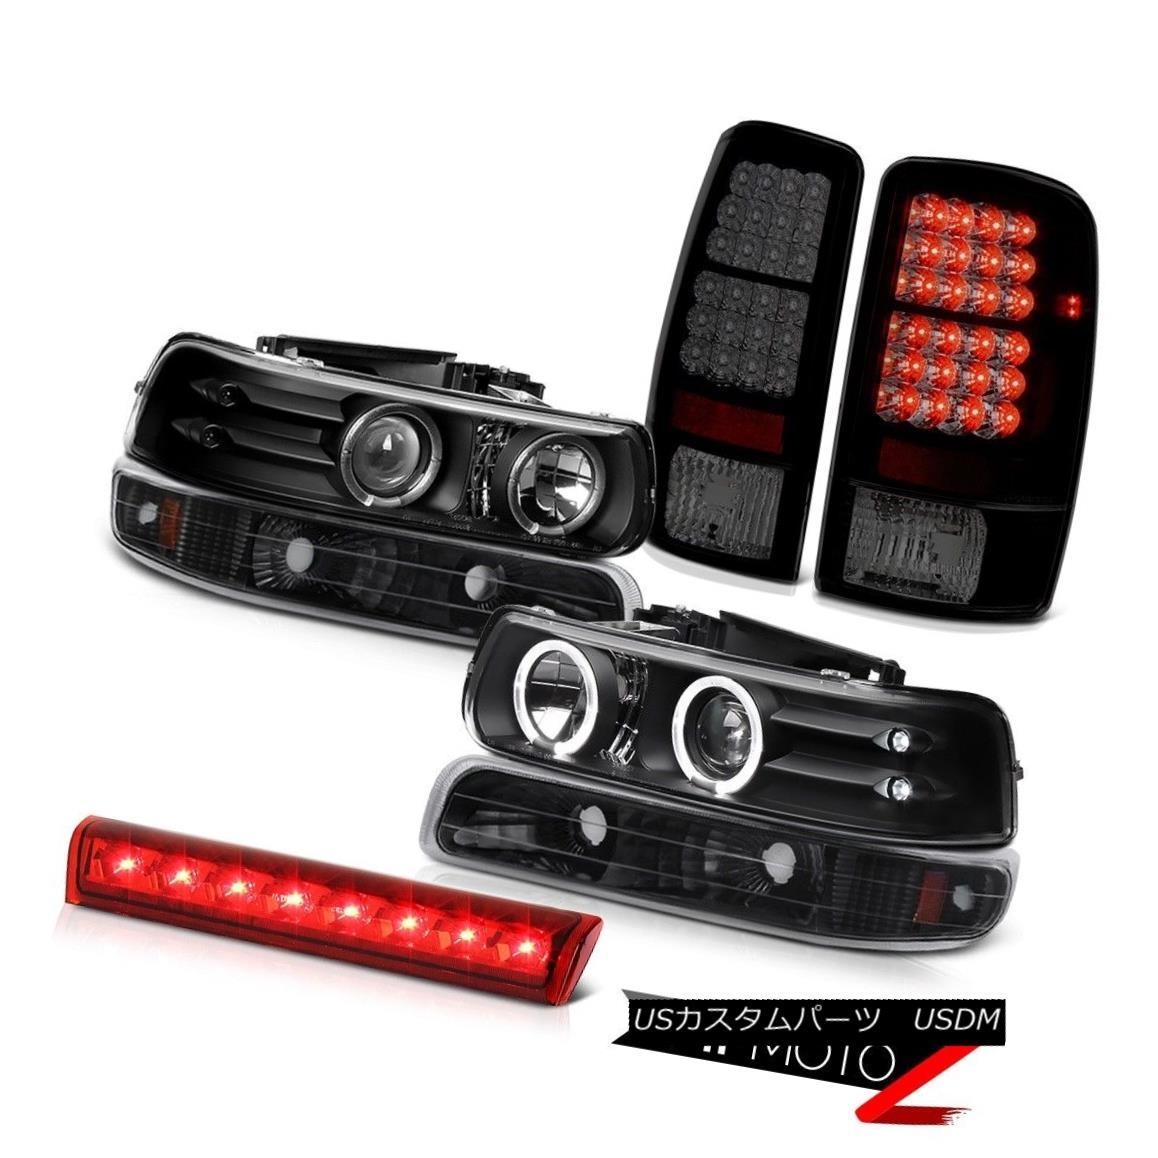 テールライト Twin Halo LED Headlamps Brake Tail Lights Red 00 01 02 03 04 05 06 Suburban 6.0L ツインハローLEDヘッドランプブレーキテールライトレッド00 01 02 03 04 05 06郊外の6.0L